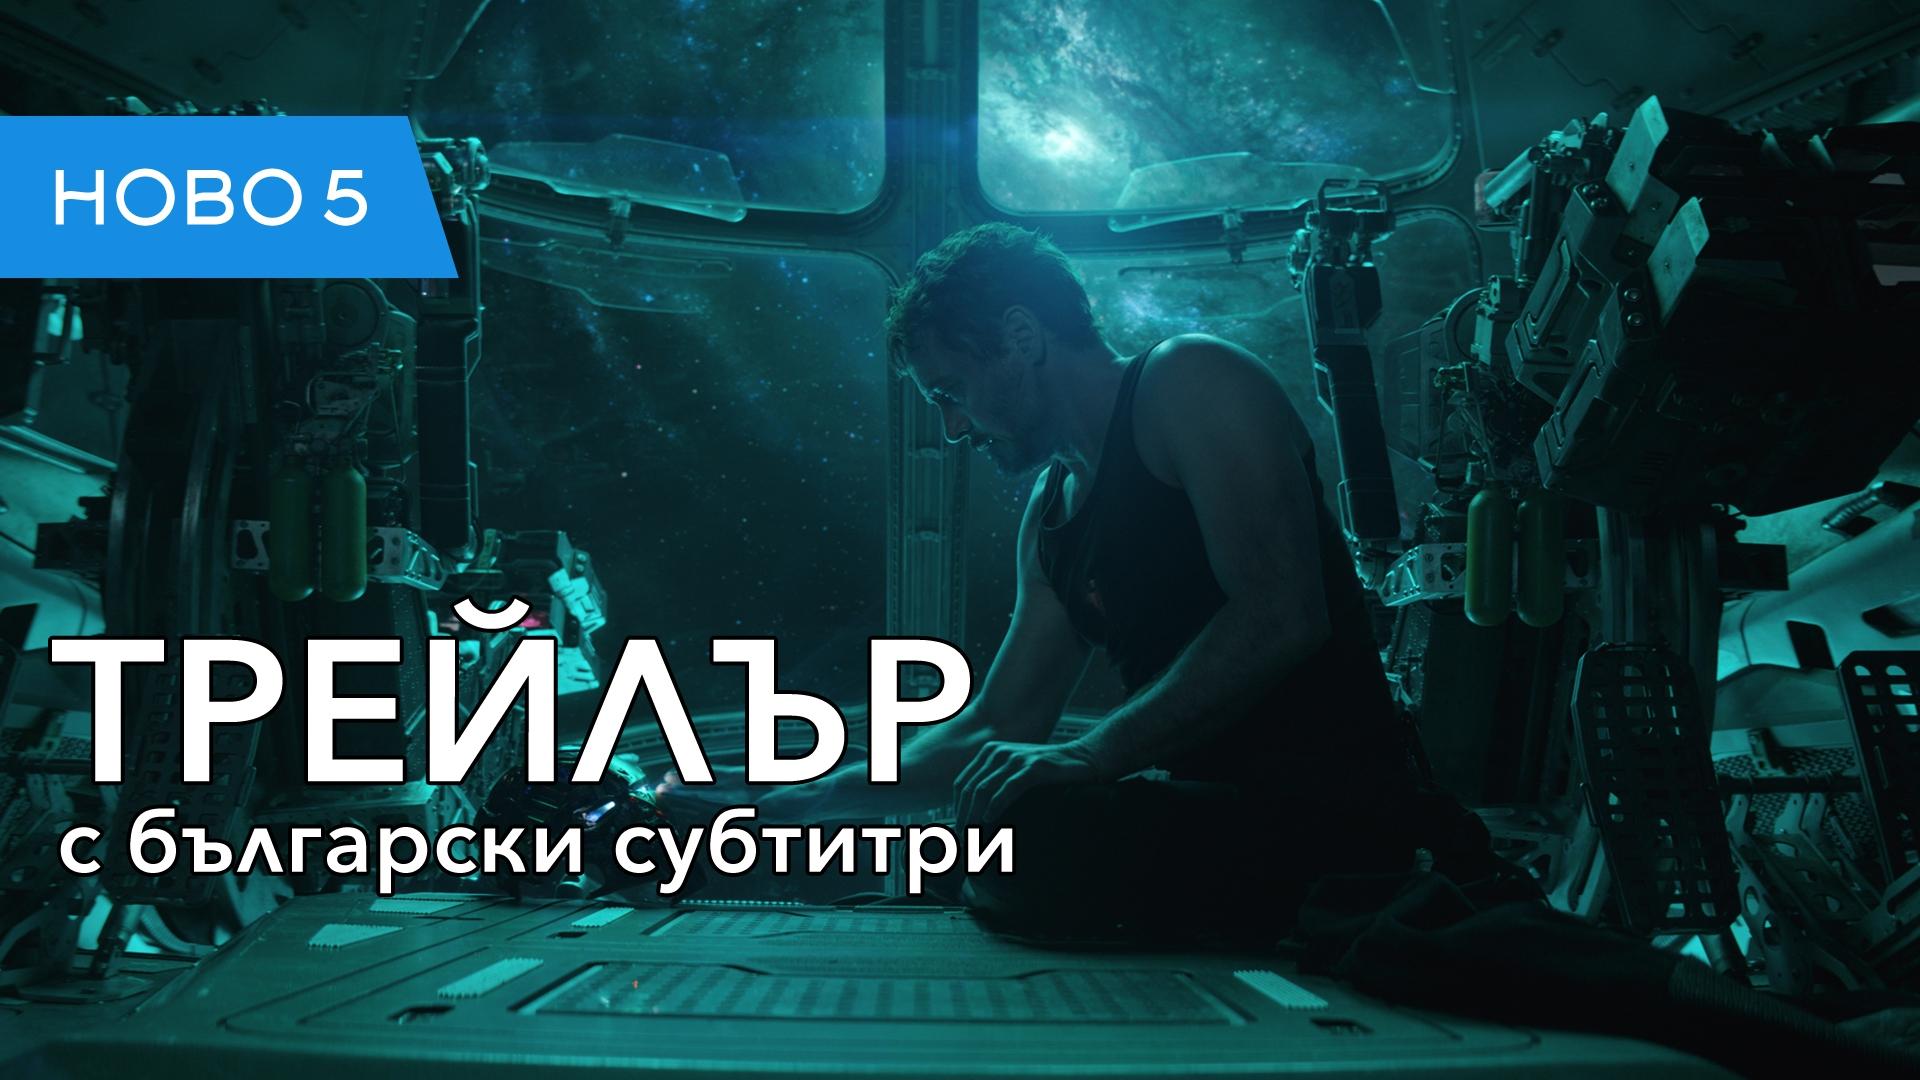 Отмъстителите: Краят (2019) втори трейлър с български субтитри